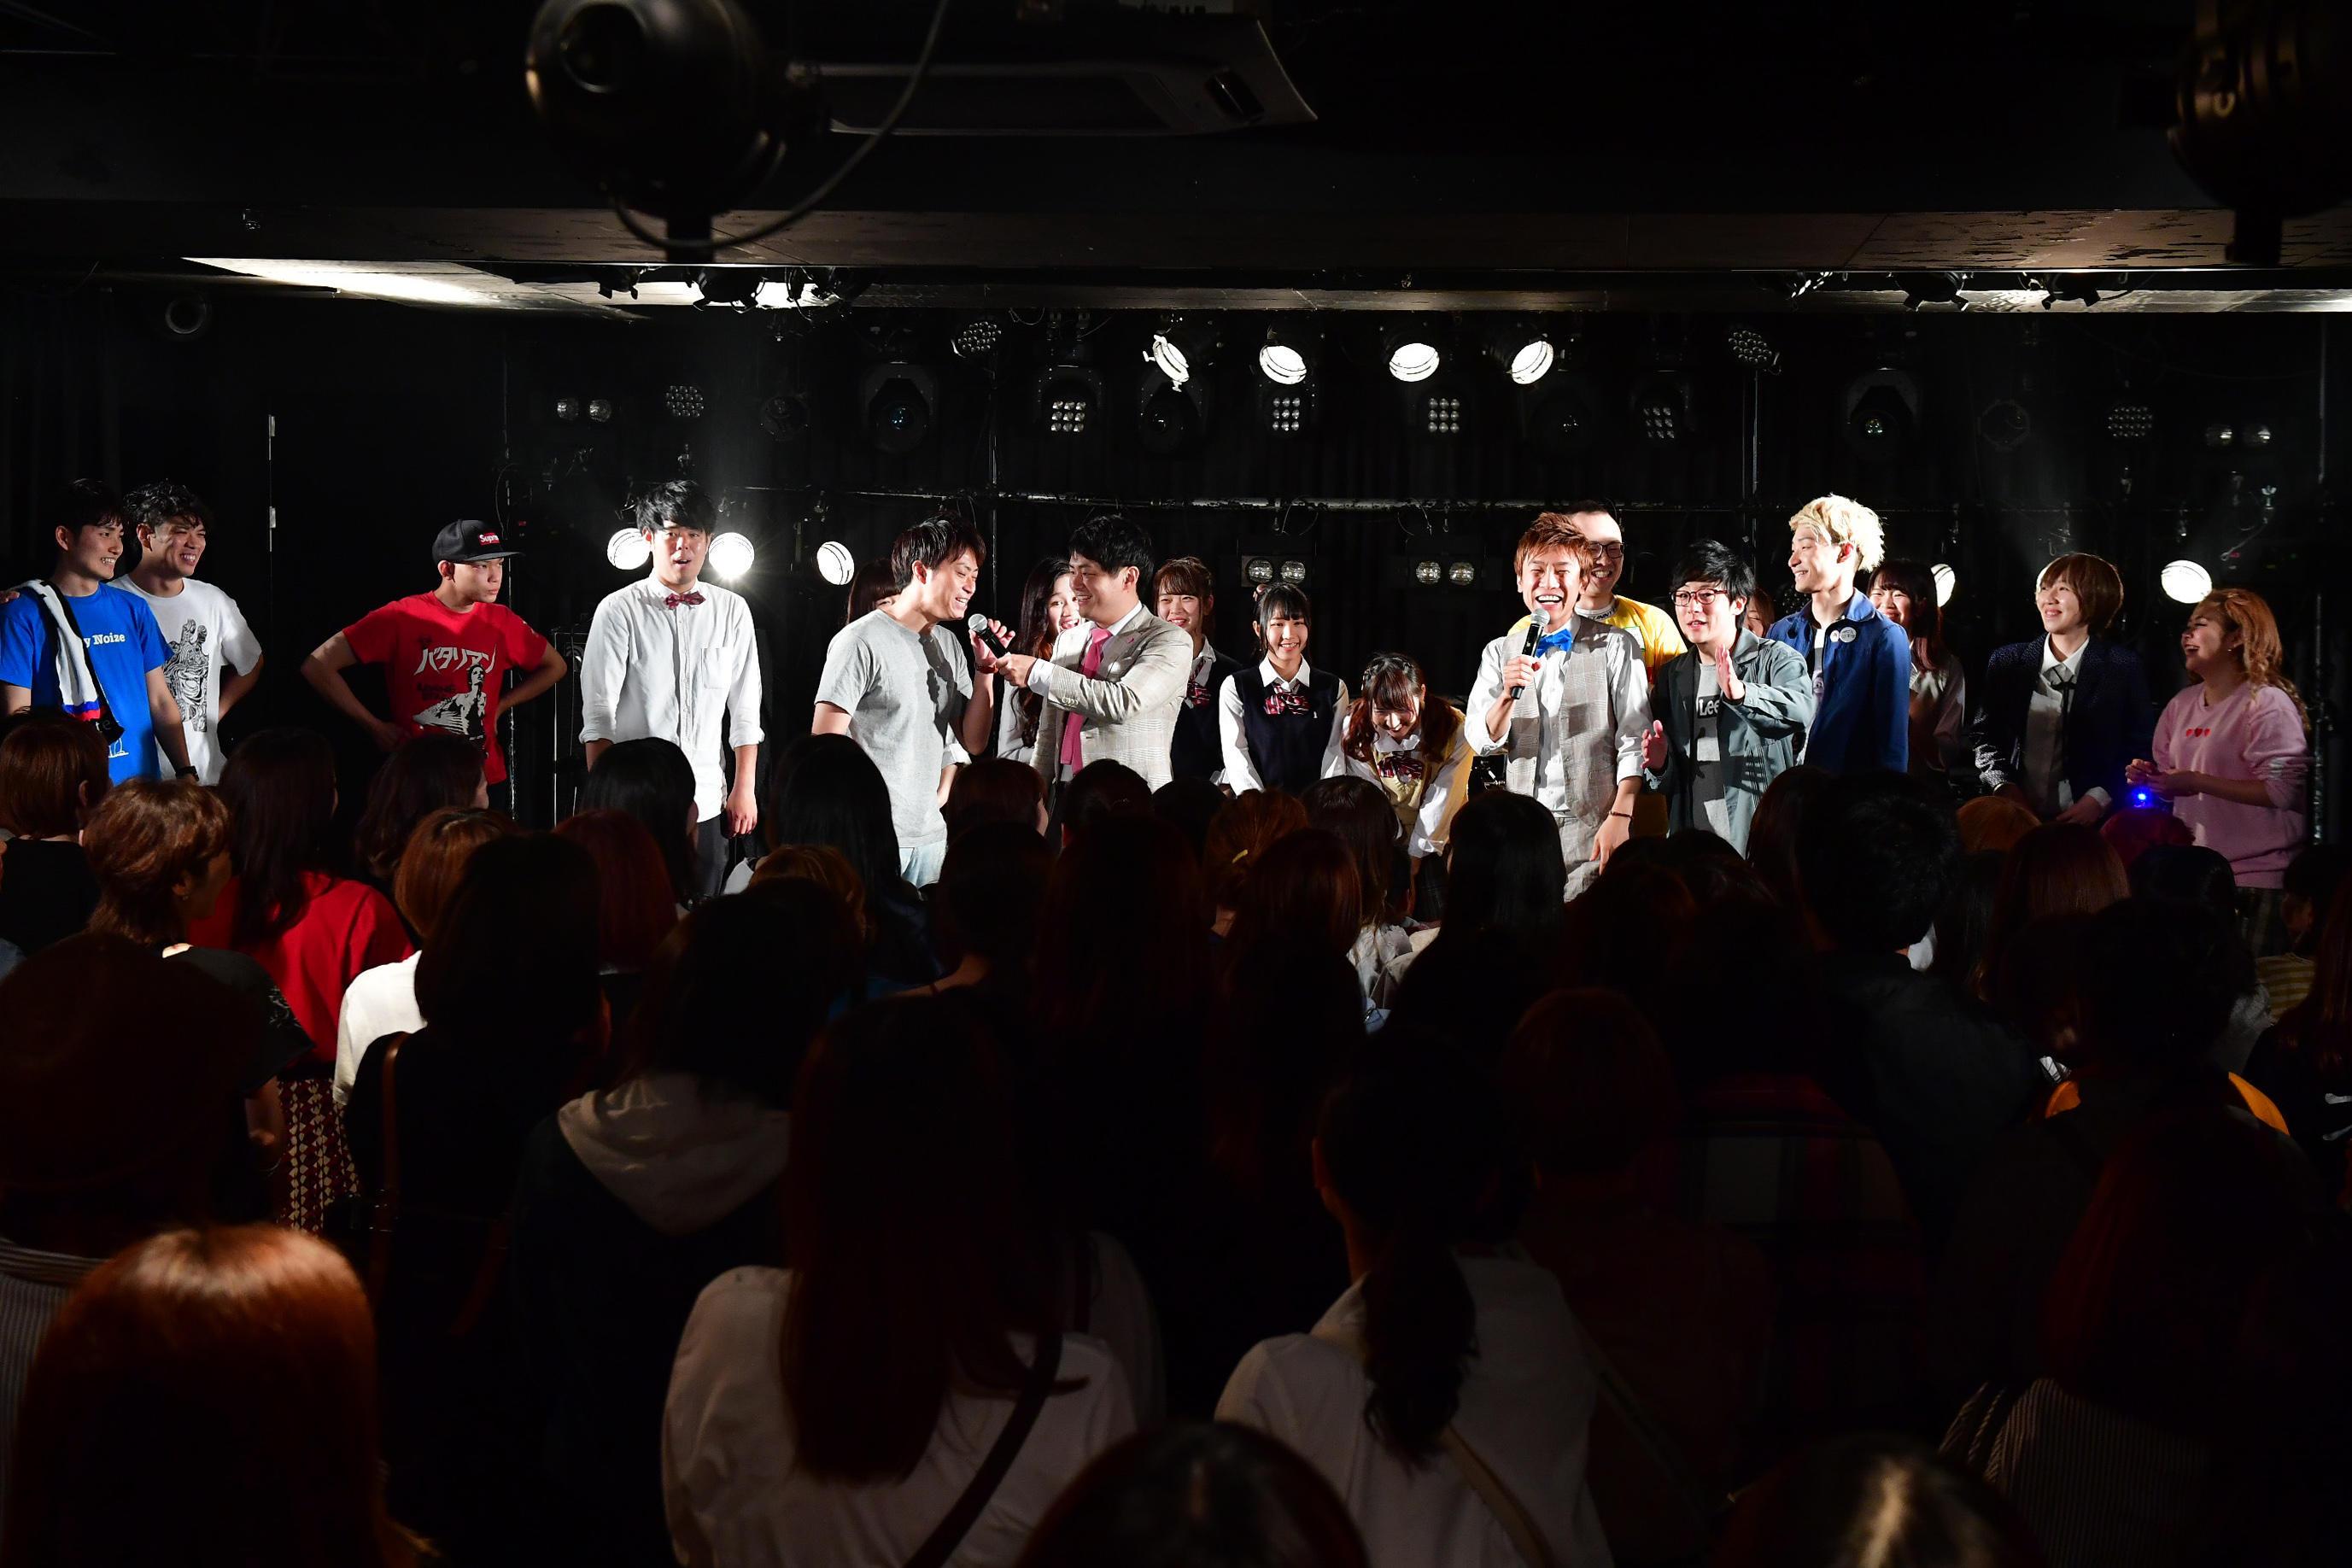 http://news.yoshimoto.co.jp/20180430220839-5f3de2368a5712aa9b93c3f79c60a78cdafd30d0.jpg